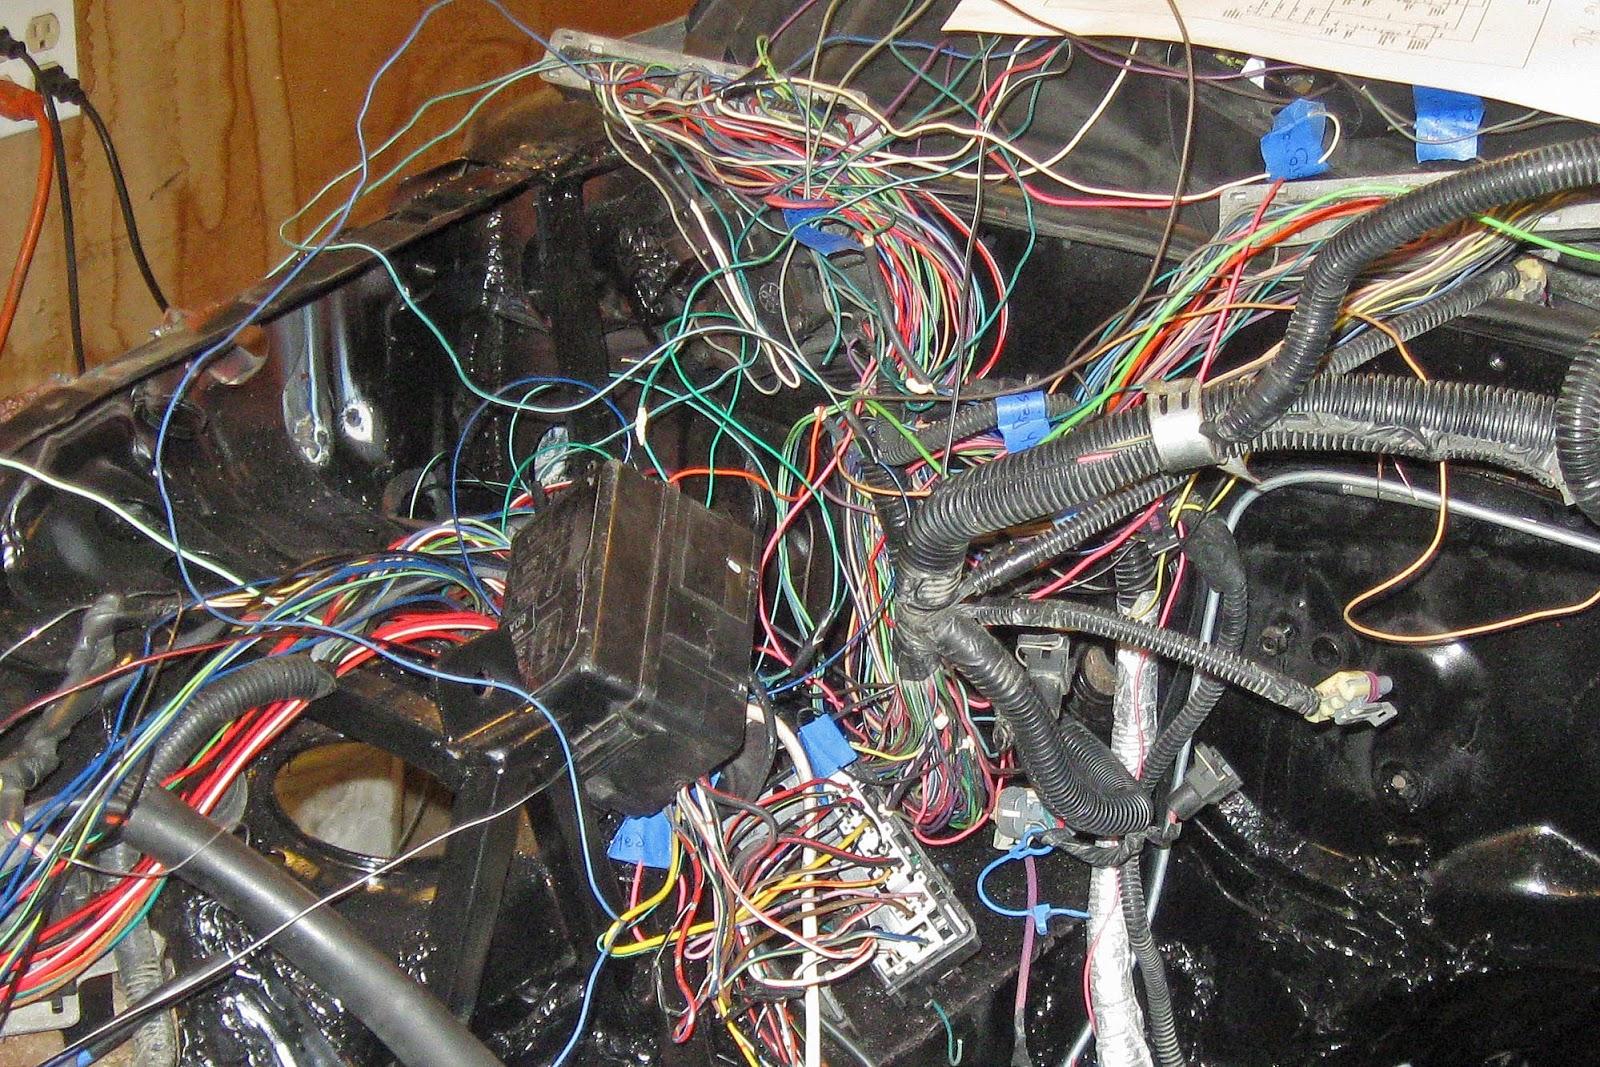 post+5+2+7 jim and jenna build diary, miata ls1 conversion v8 miata wiring ls1 miata wiring harness at gsmportal.co